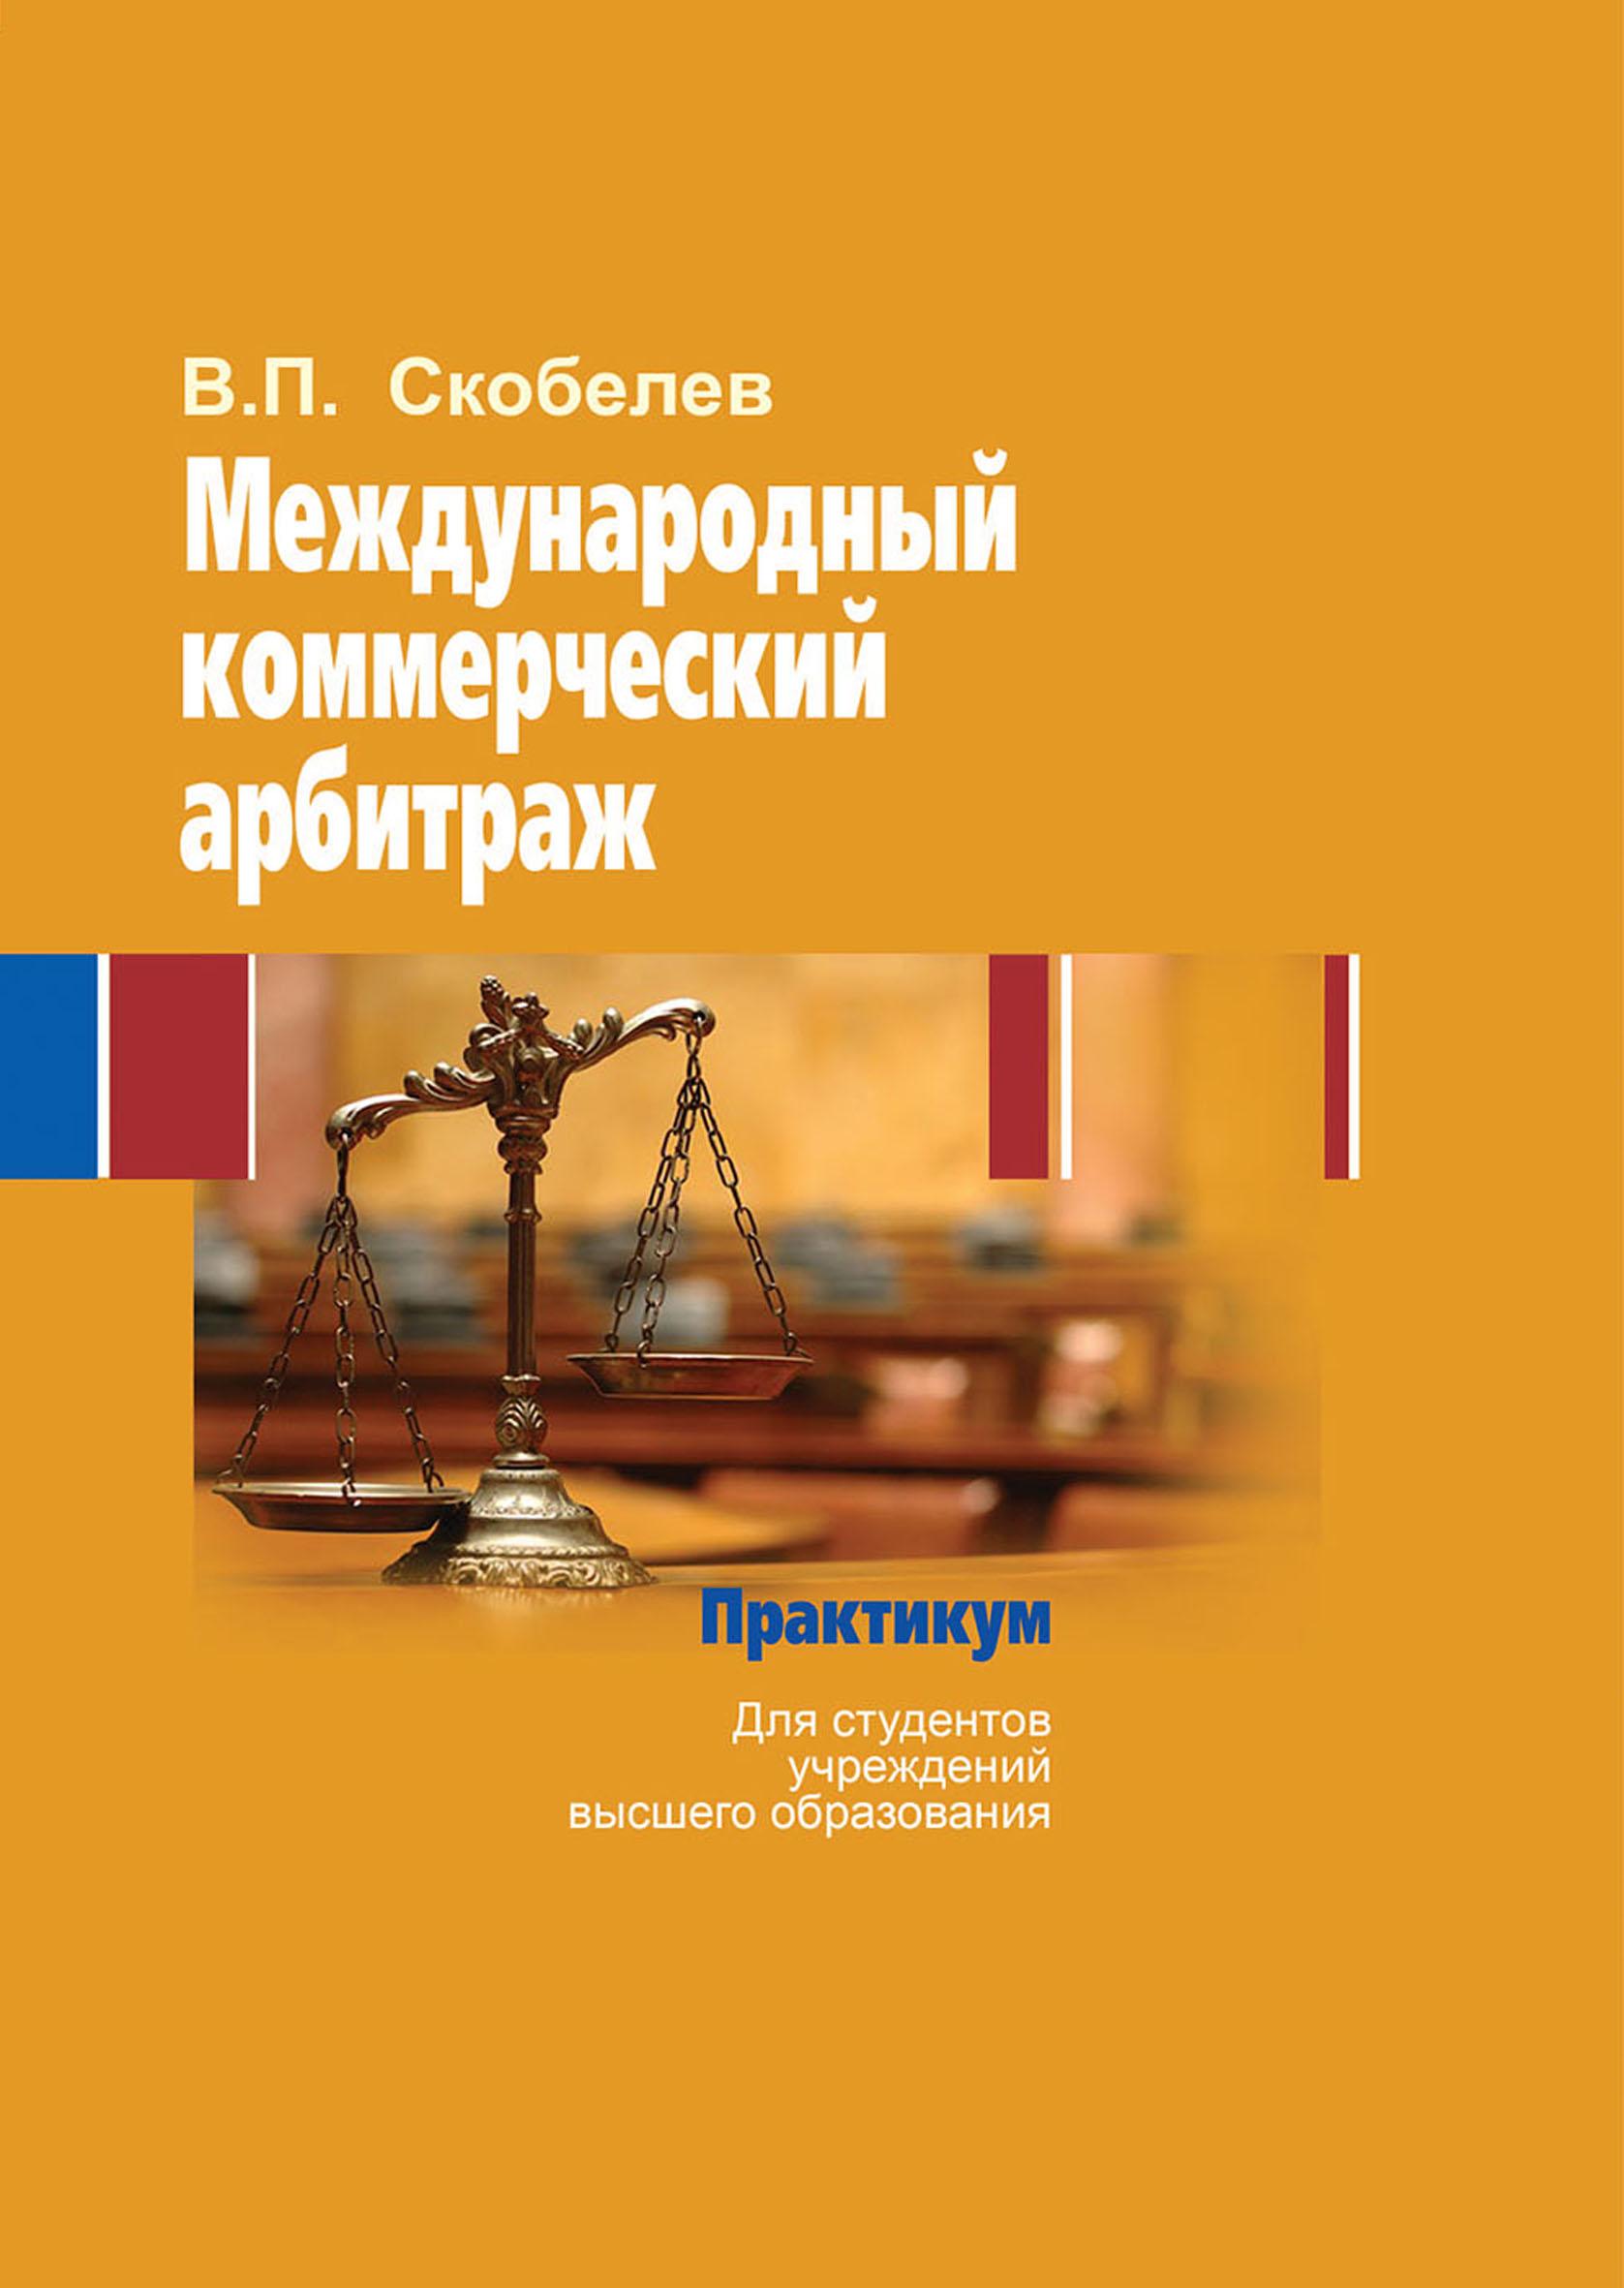 Международный коммерческий арбитраж. Практикум ( В. П. Скобелев  )